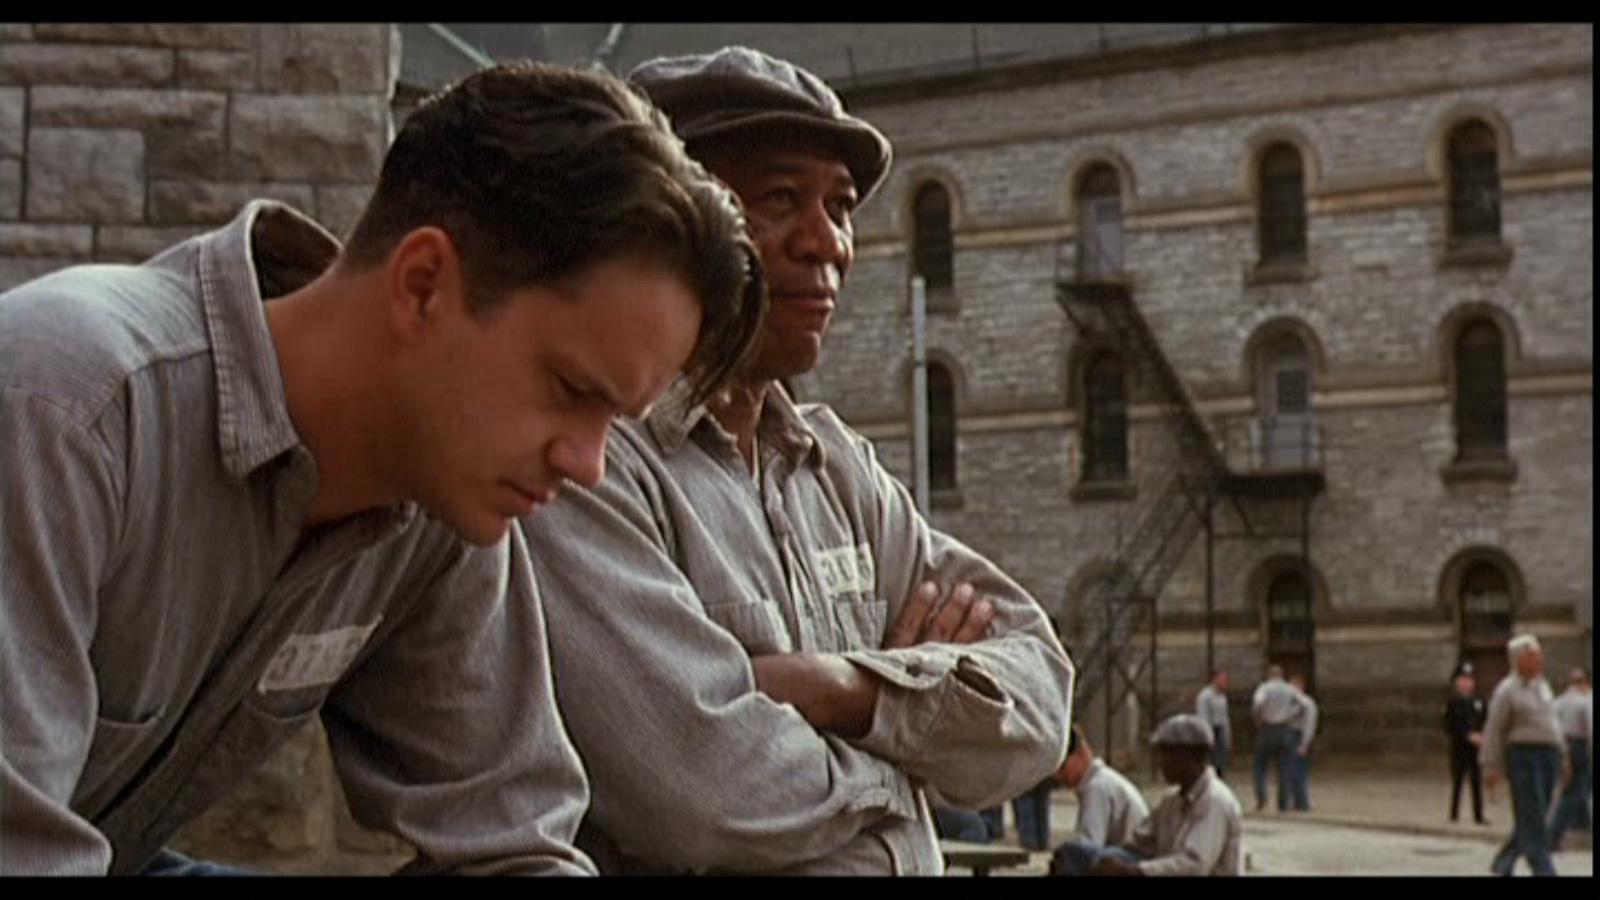 The Shawshank Redemption Wallpaper 22   1600 X 900 stmednet 1600x900